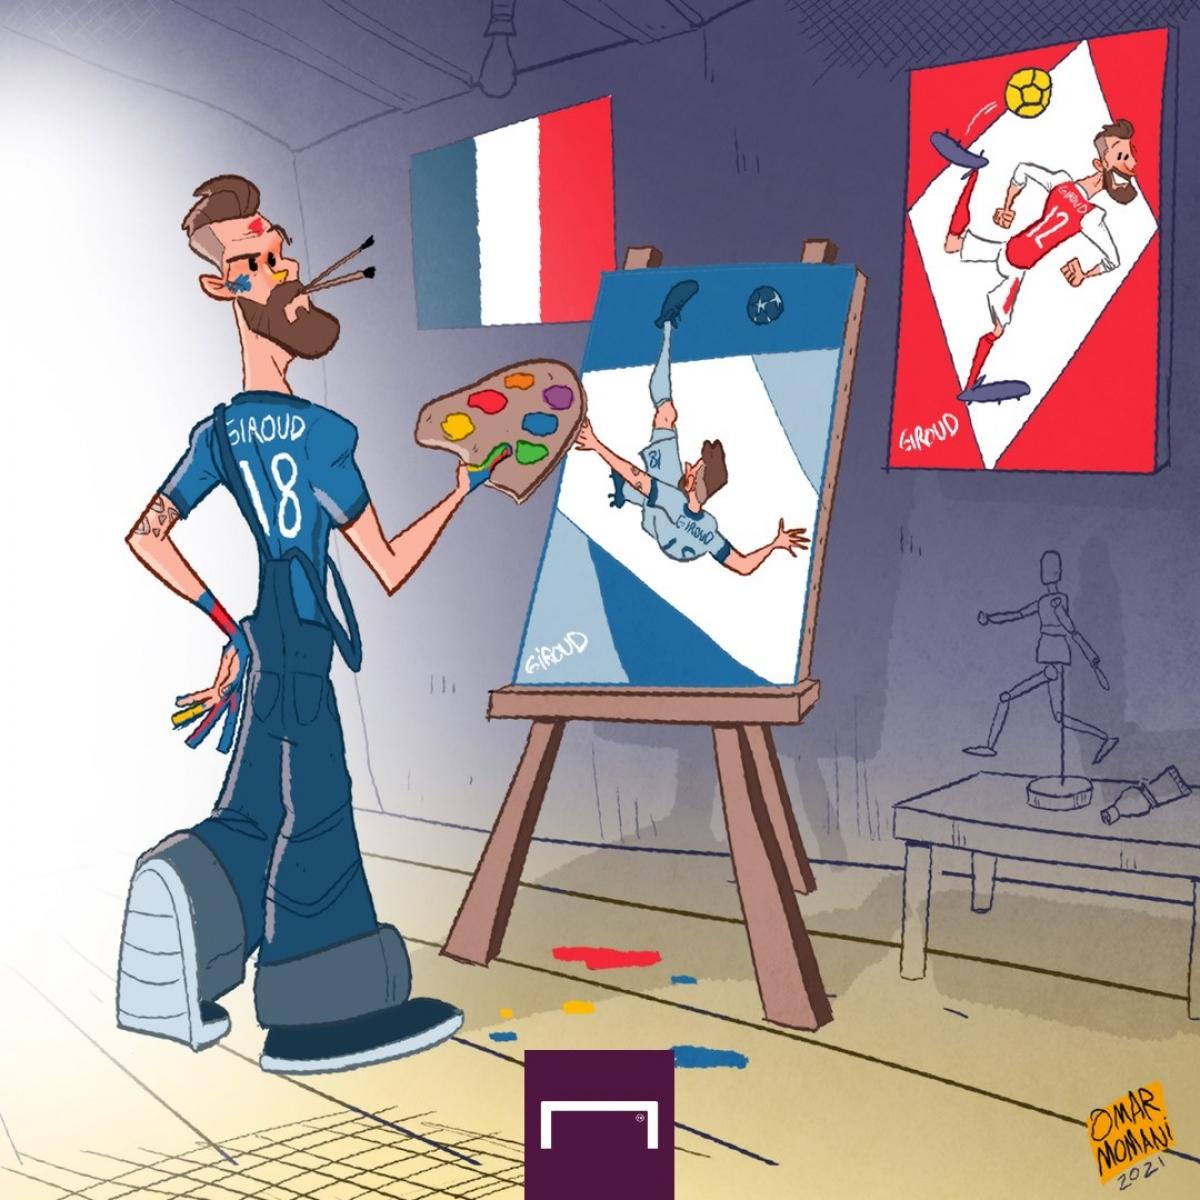 """Hãy ngừng gọi Olivier Giroud là tiền đạo """"chân gỗ"""". (Ảnh: Omar Momani)"""